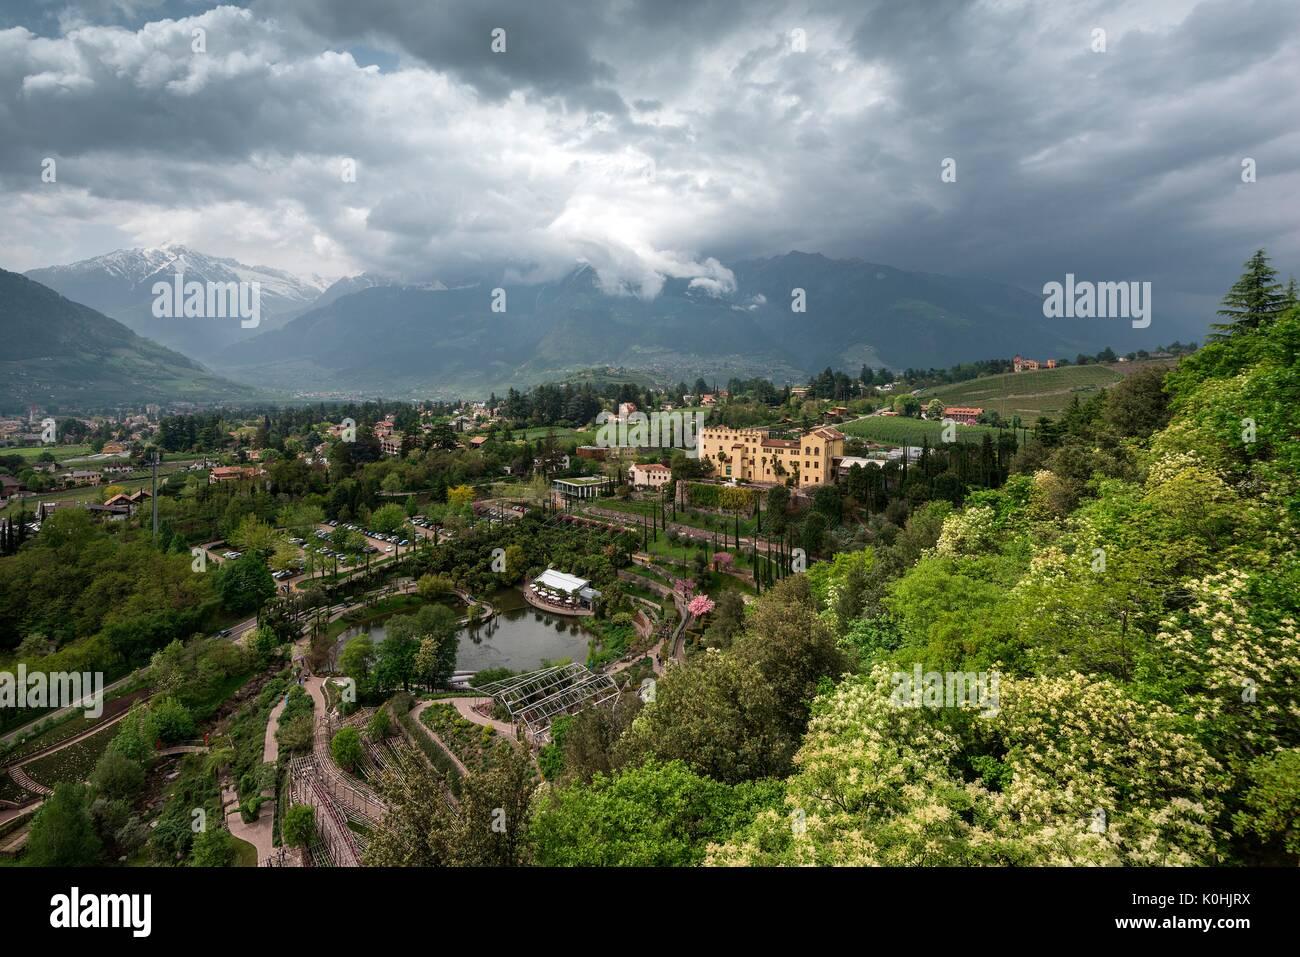 Merano, Alto Adige, Italia. L\'acqua e giardini terrazzati nei ...